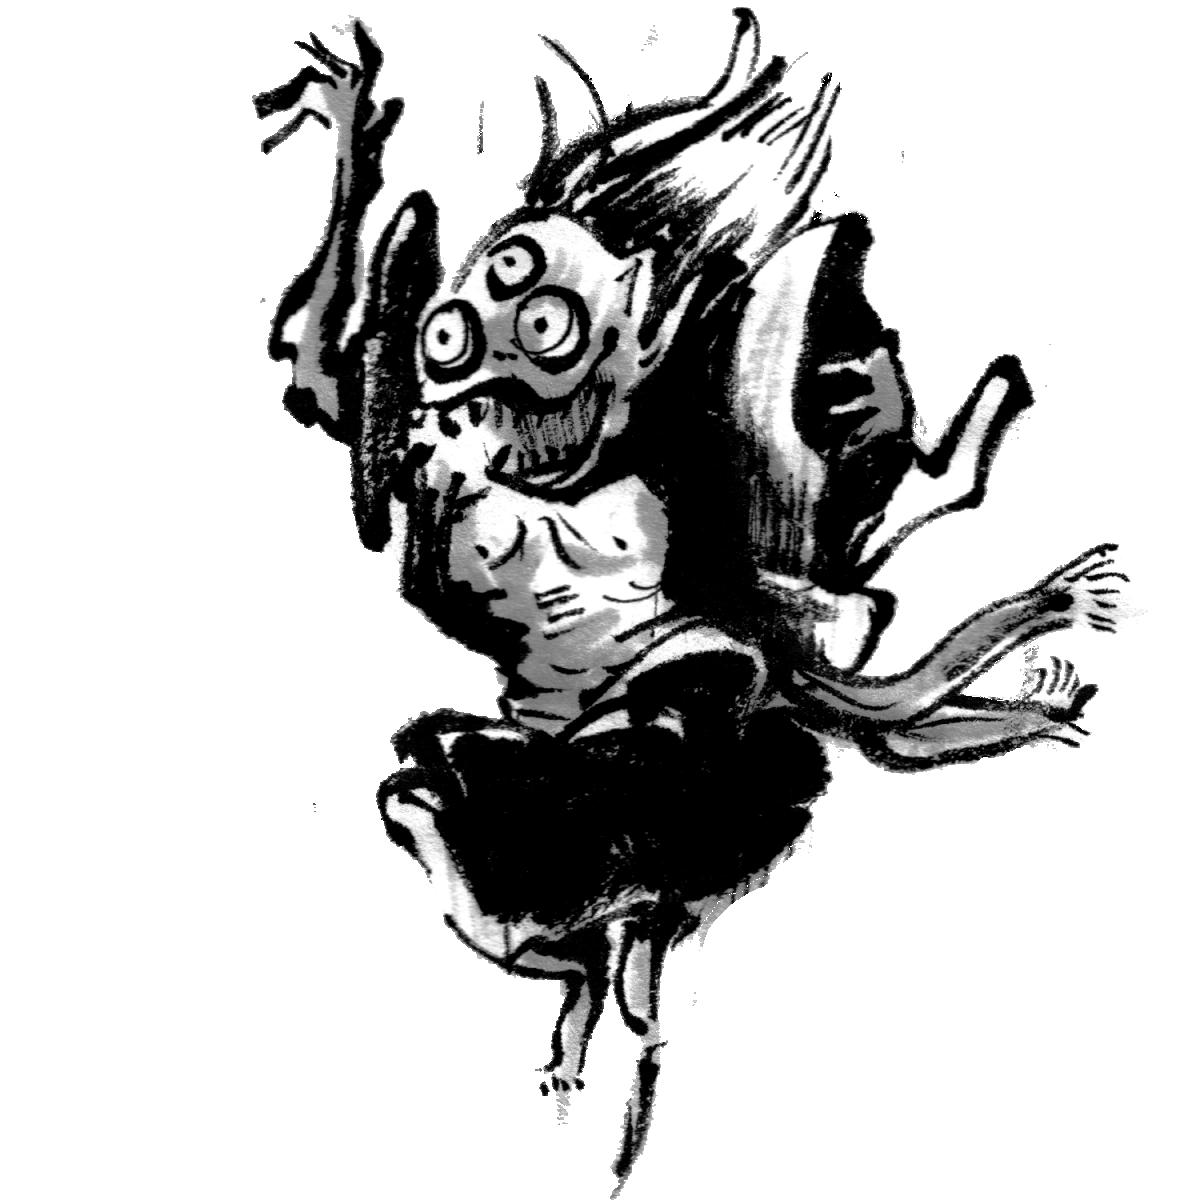 三つ目の妖怪のイラスト The third specter  Illustration